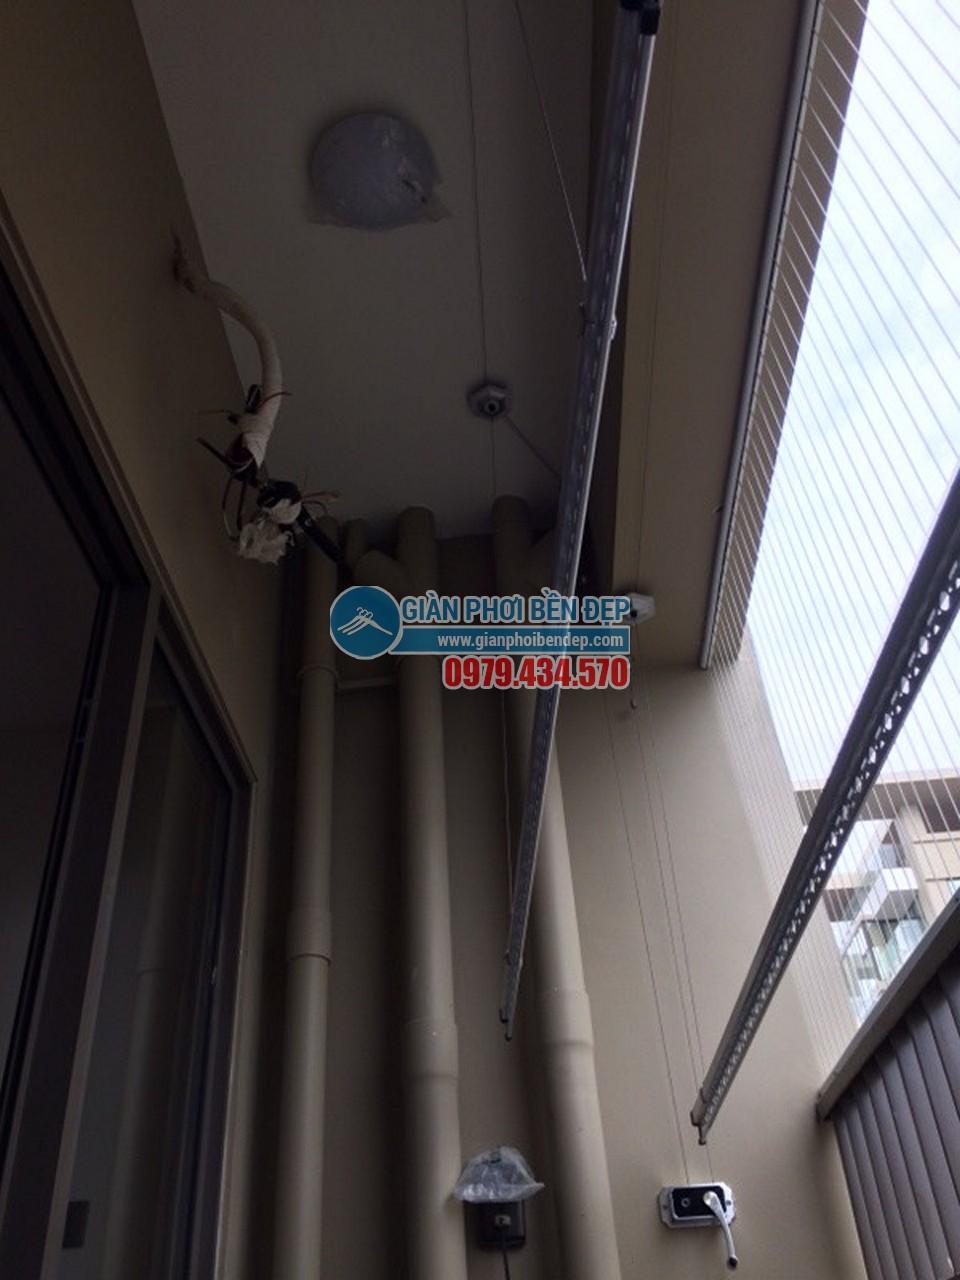 Hoàn thiện lắp đặt giàn phơi thông minh tại ban công nhà chị Mai, Home City - 02